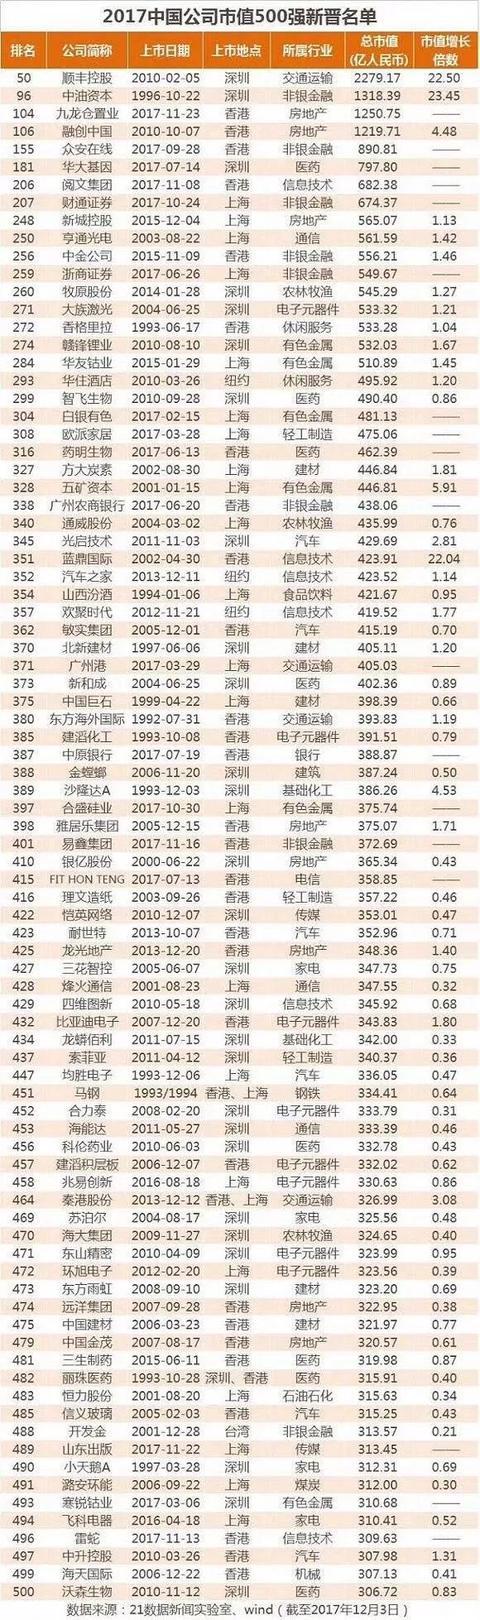 国内市值500强腾讯阿里位列一二,首次超银行业老大的霸主地位